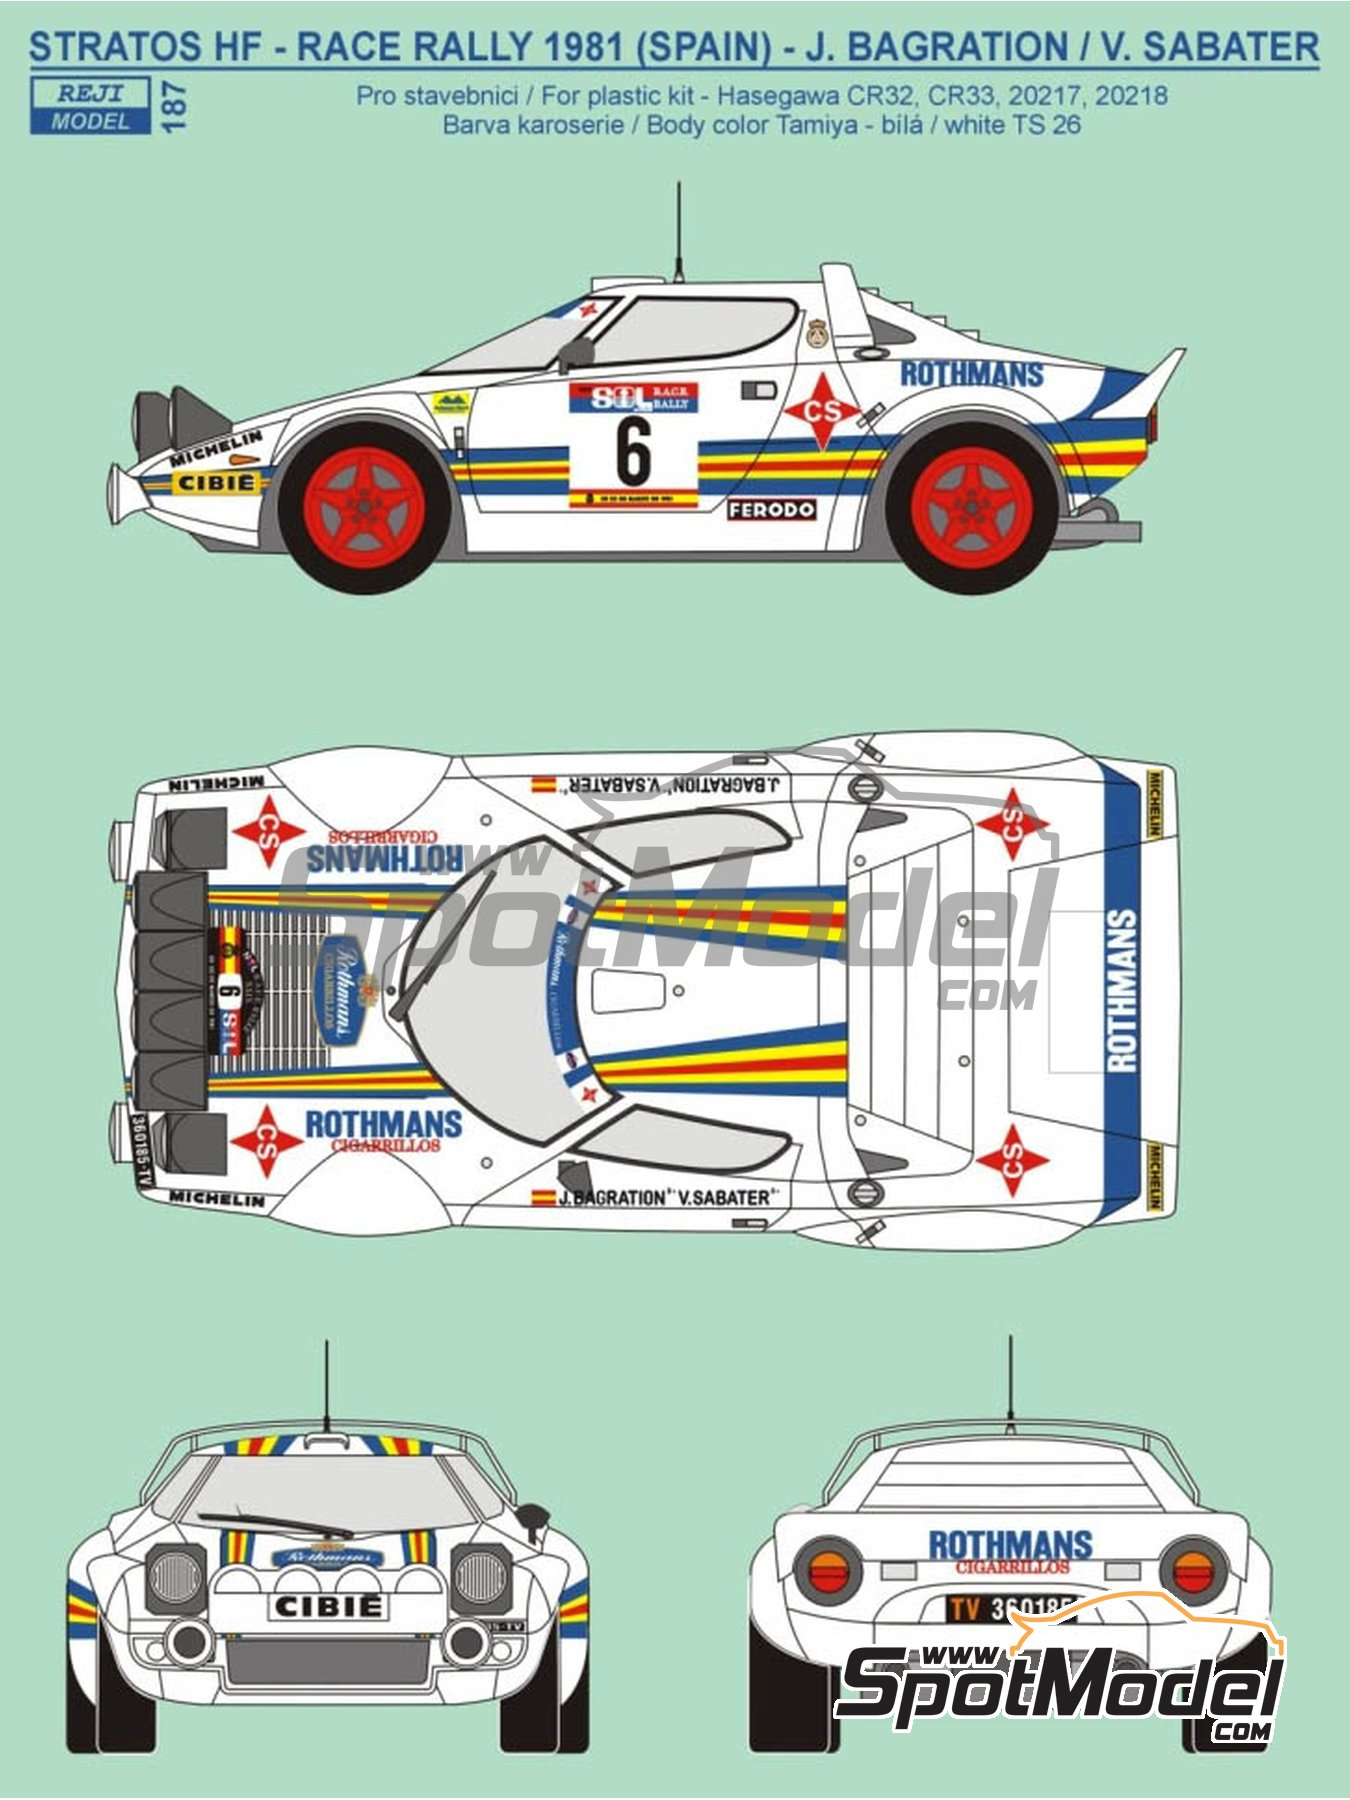 Lancia Stratos HF Rothmans - Rally del RACE 1981 | Decoración en escala1/24 fabricado por Reji Model (ref.REJI-187) image